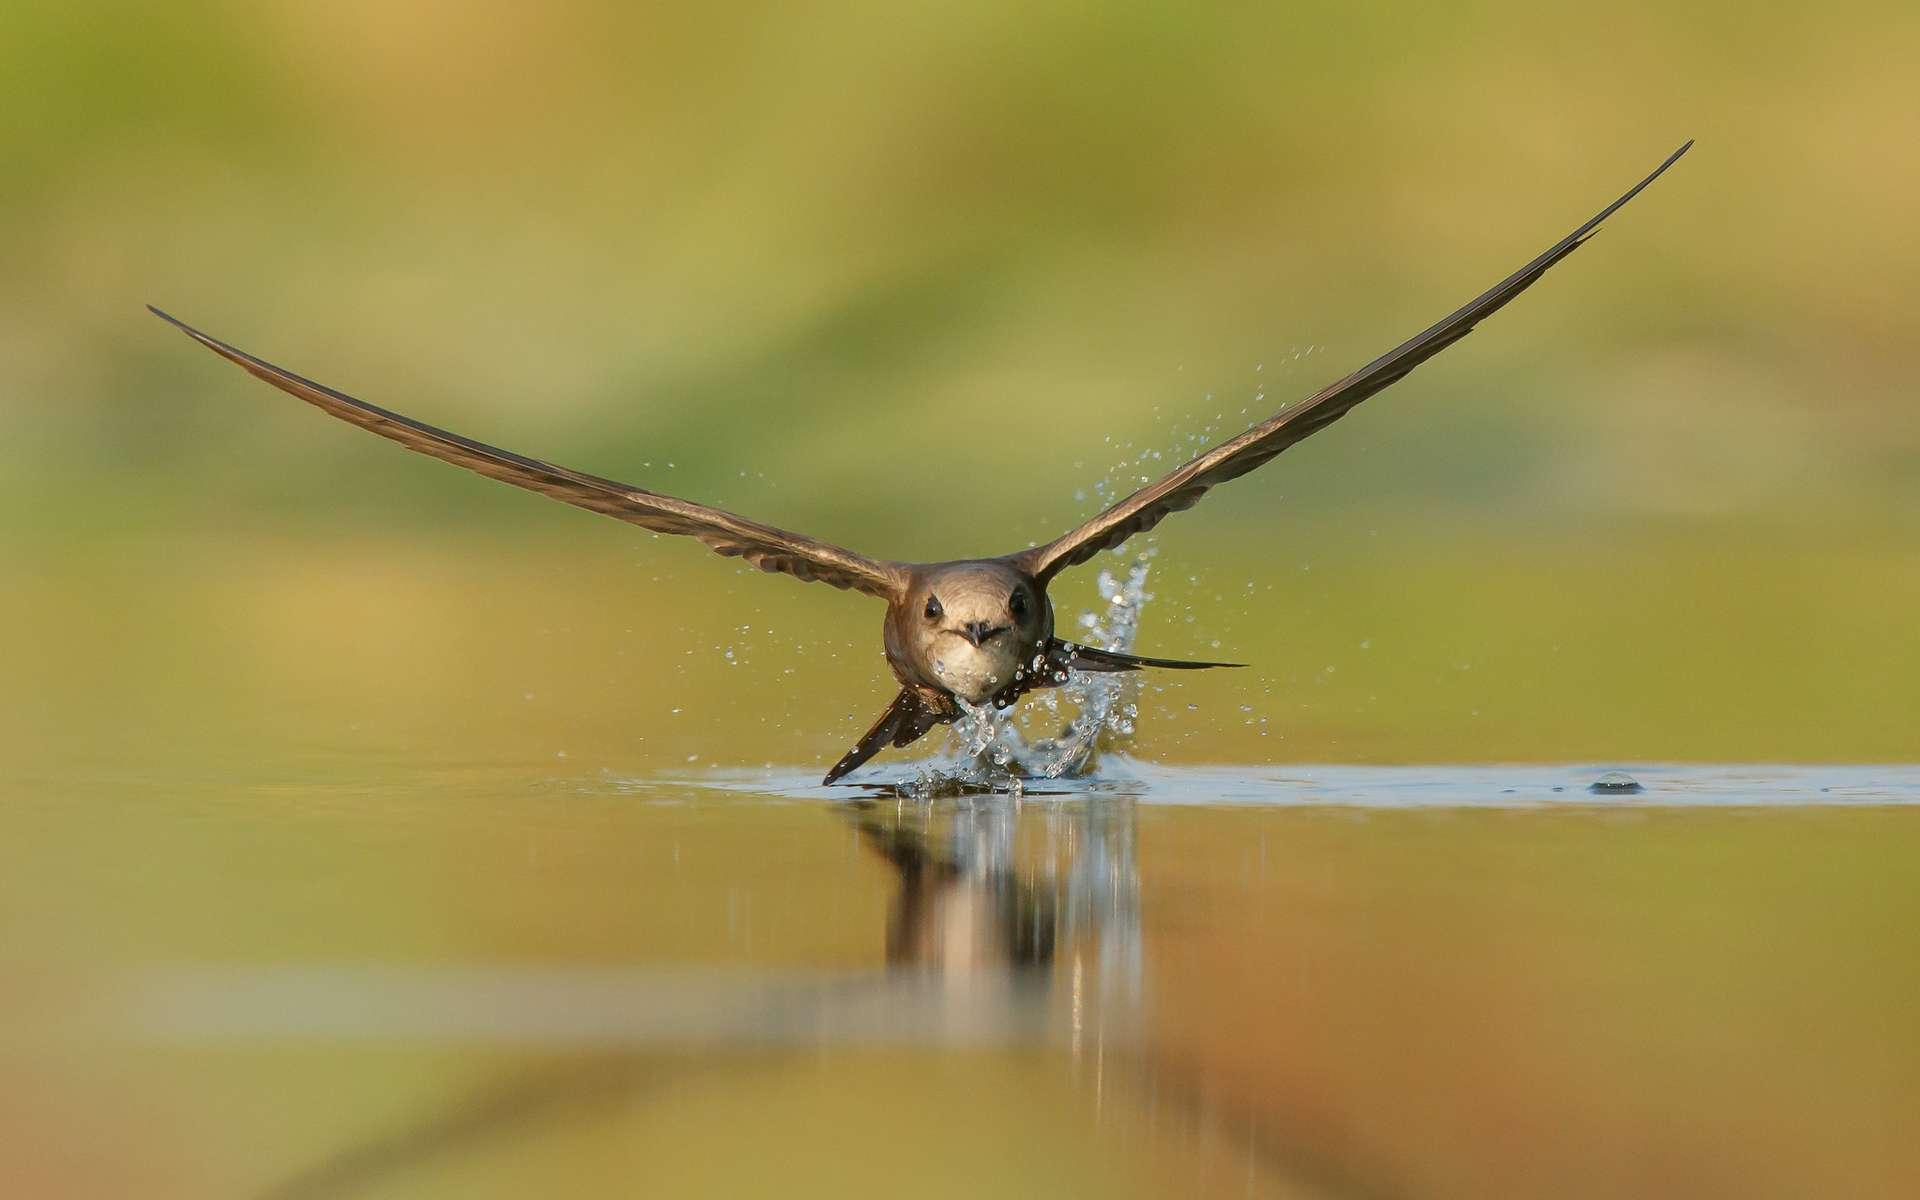 Martinet pâle (Apus pallidus), 2e gagnant catégorie « Oiseau en vol » du concours Bird Photographer of the Year. © Bird Photographer of the Year, Nikos Fokas (Grèce)